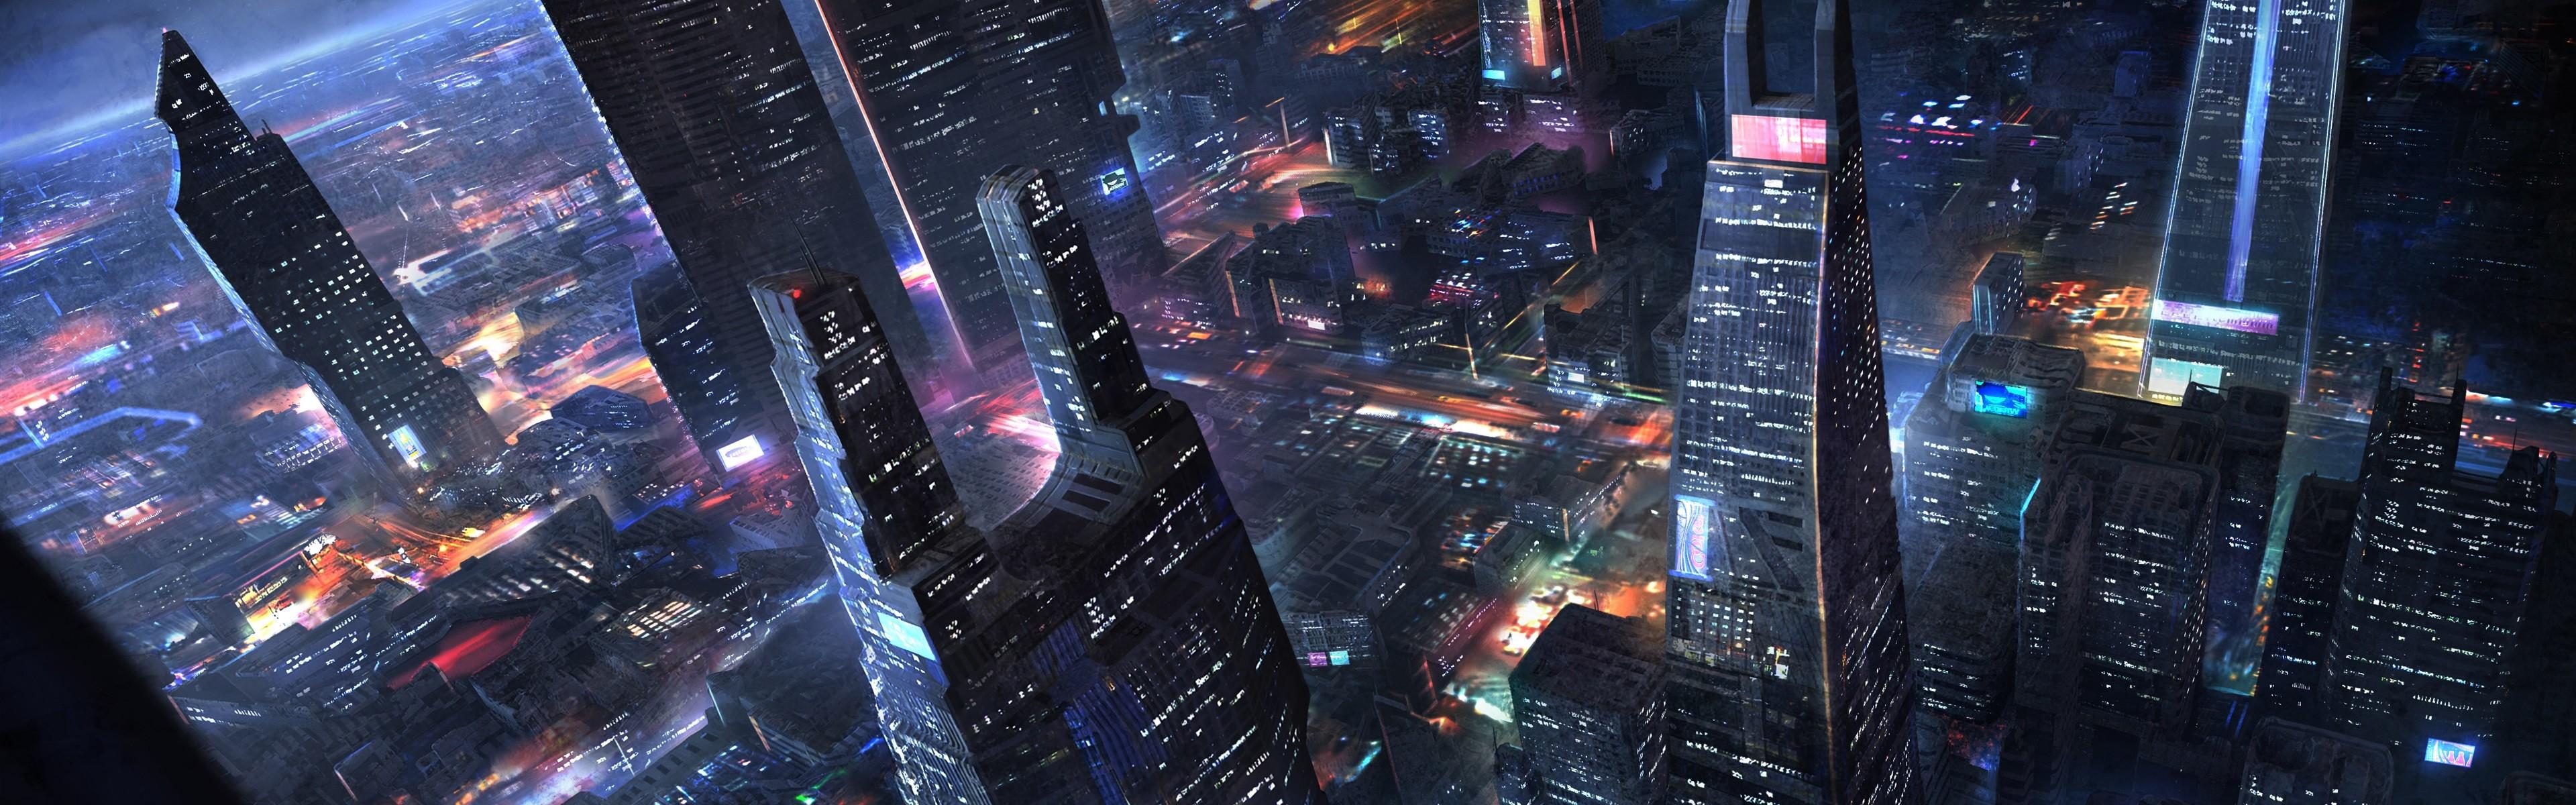 Futuristic city wallpaper night